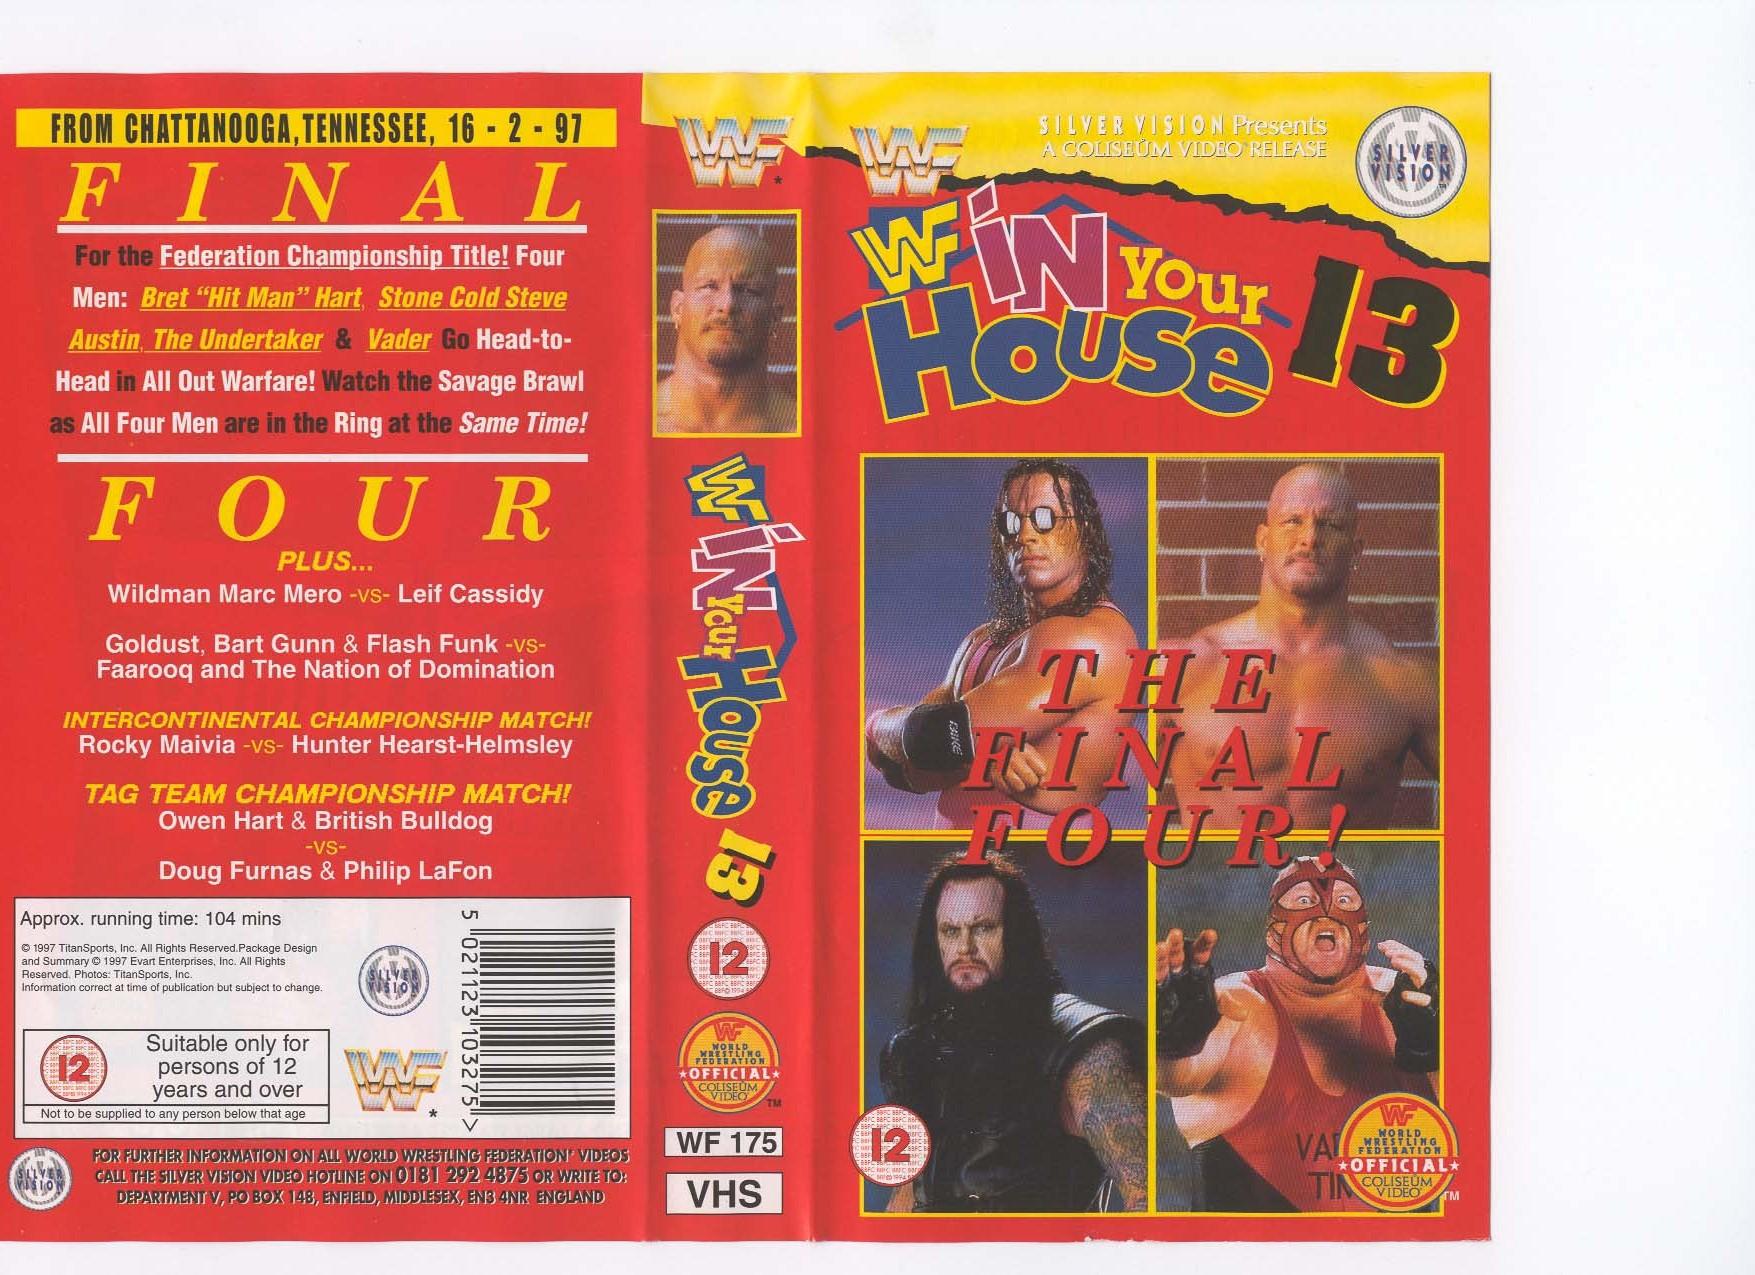 inyourhouse13